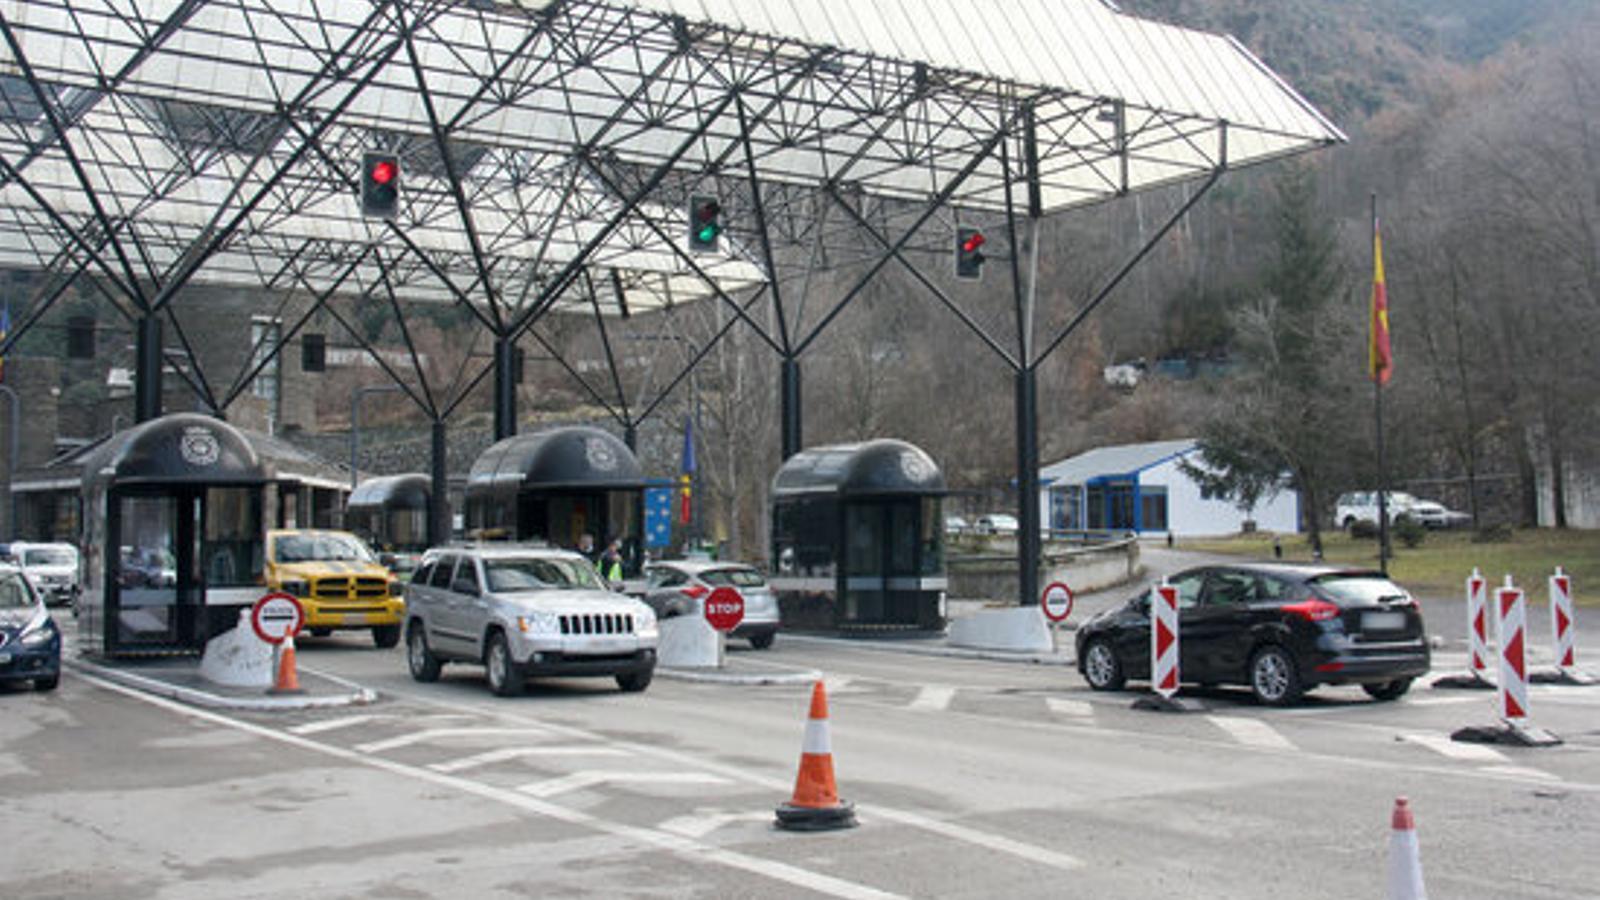 Vehicles creuant la frontera hispanoandorrana, aquest dilluns. / ACN